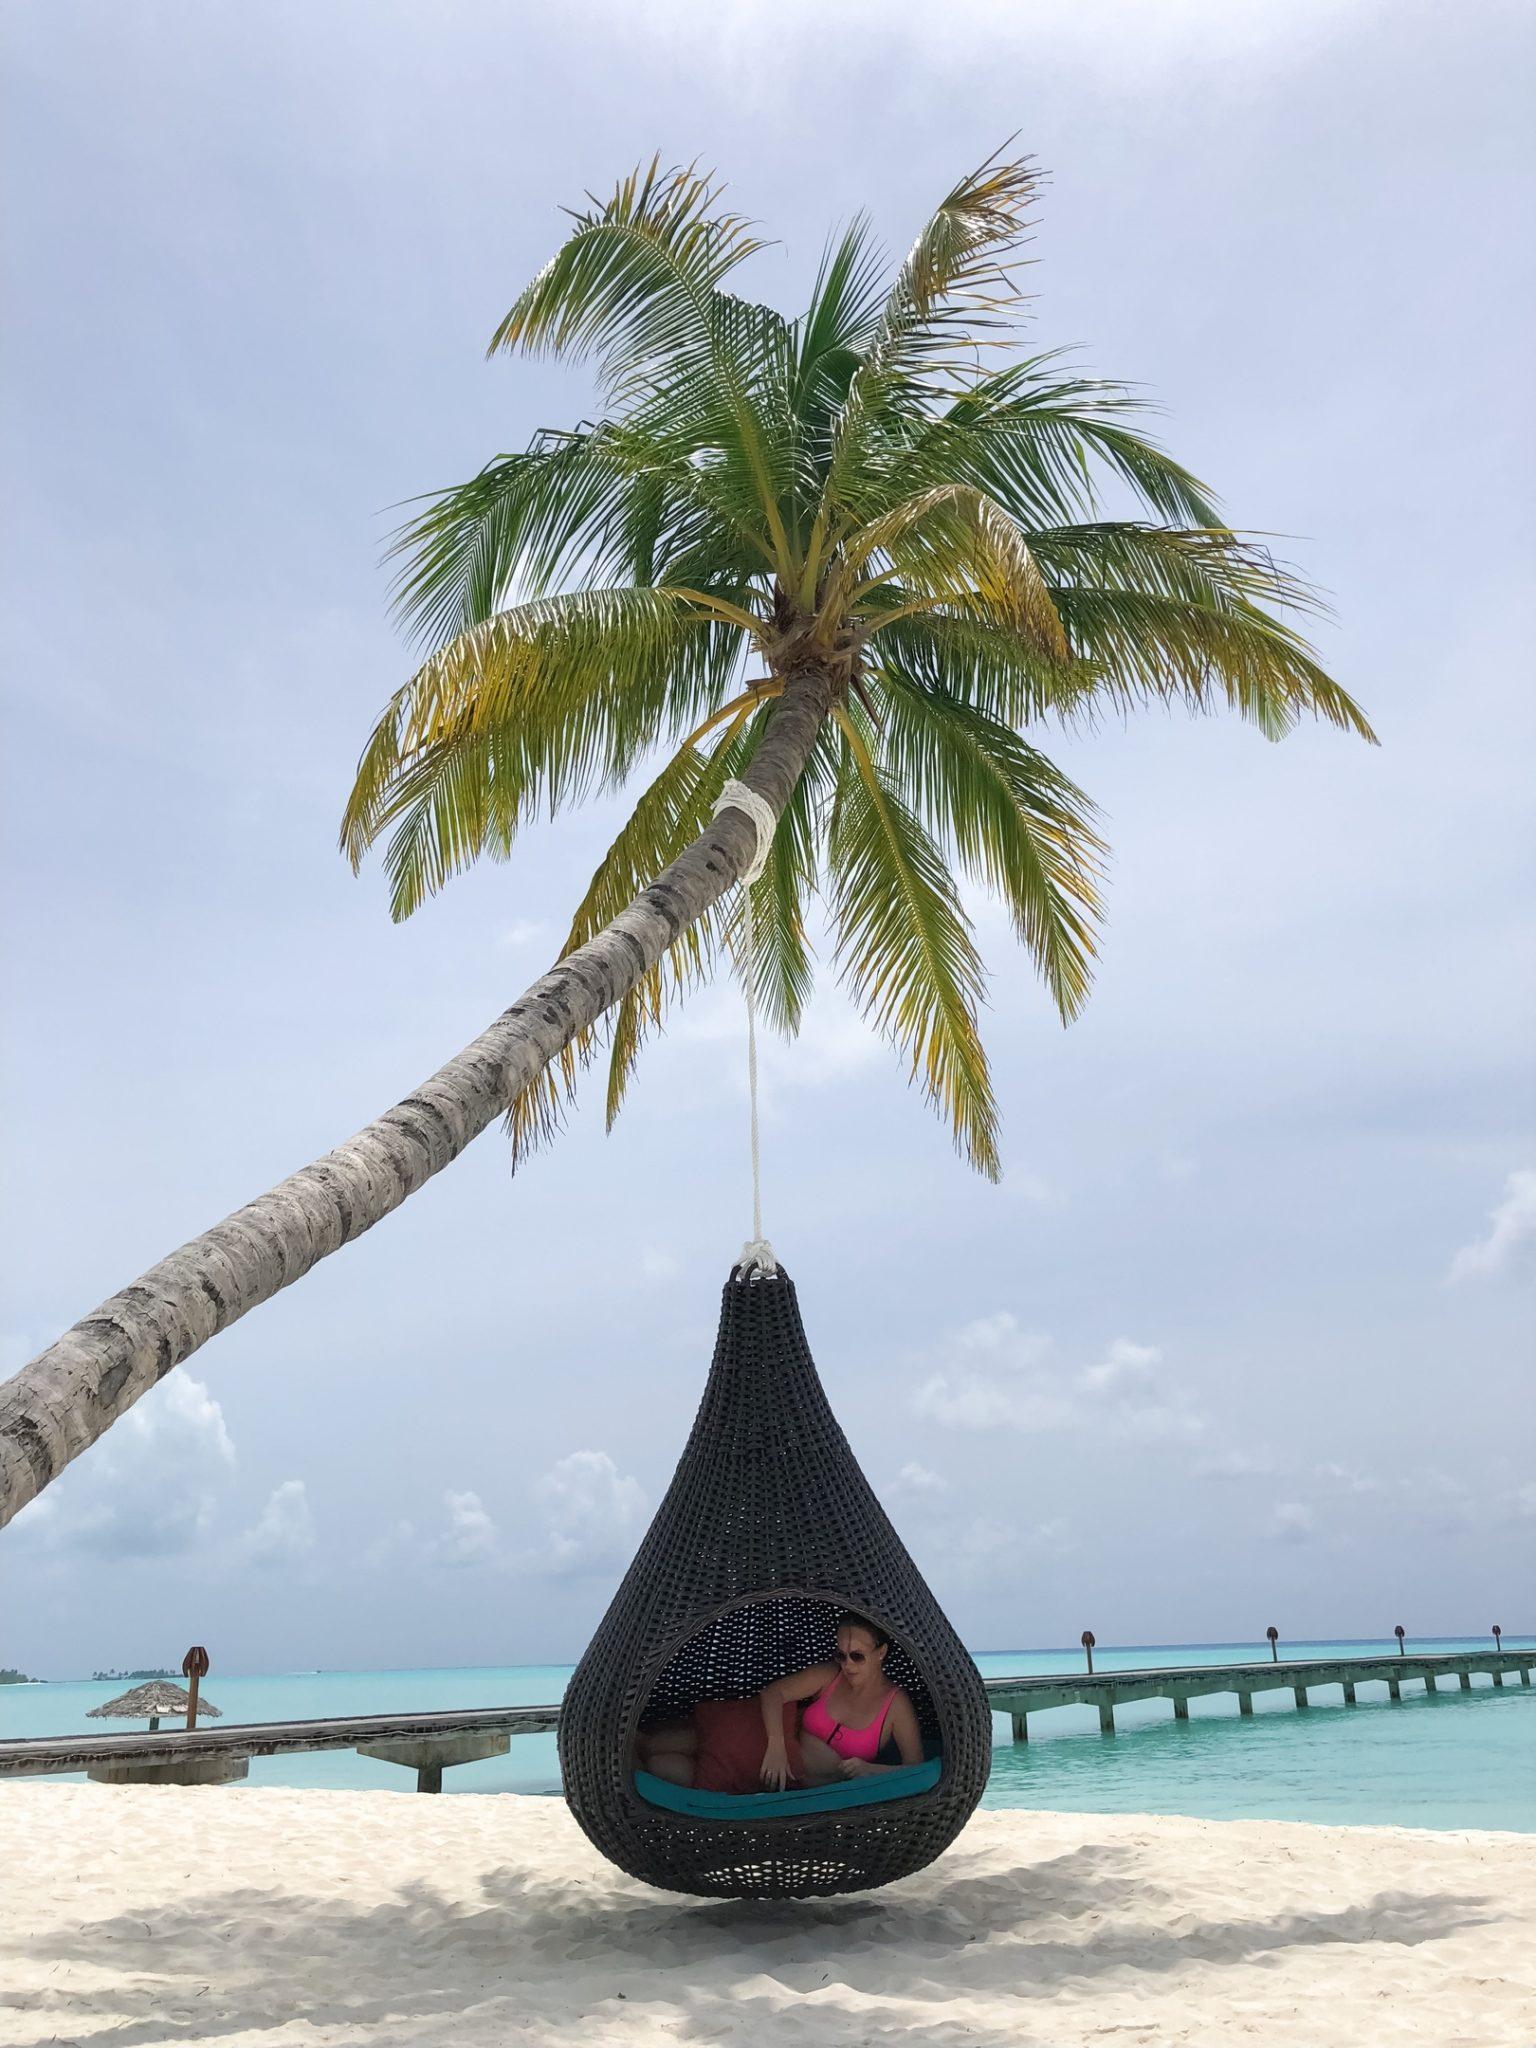 Holiday island resort and spa, Maldives